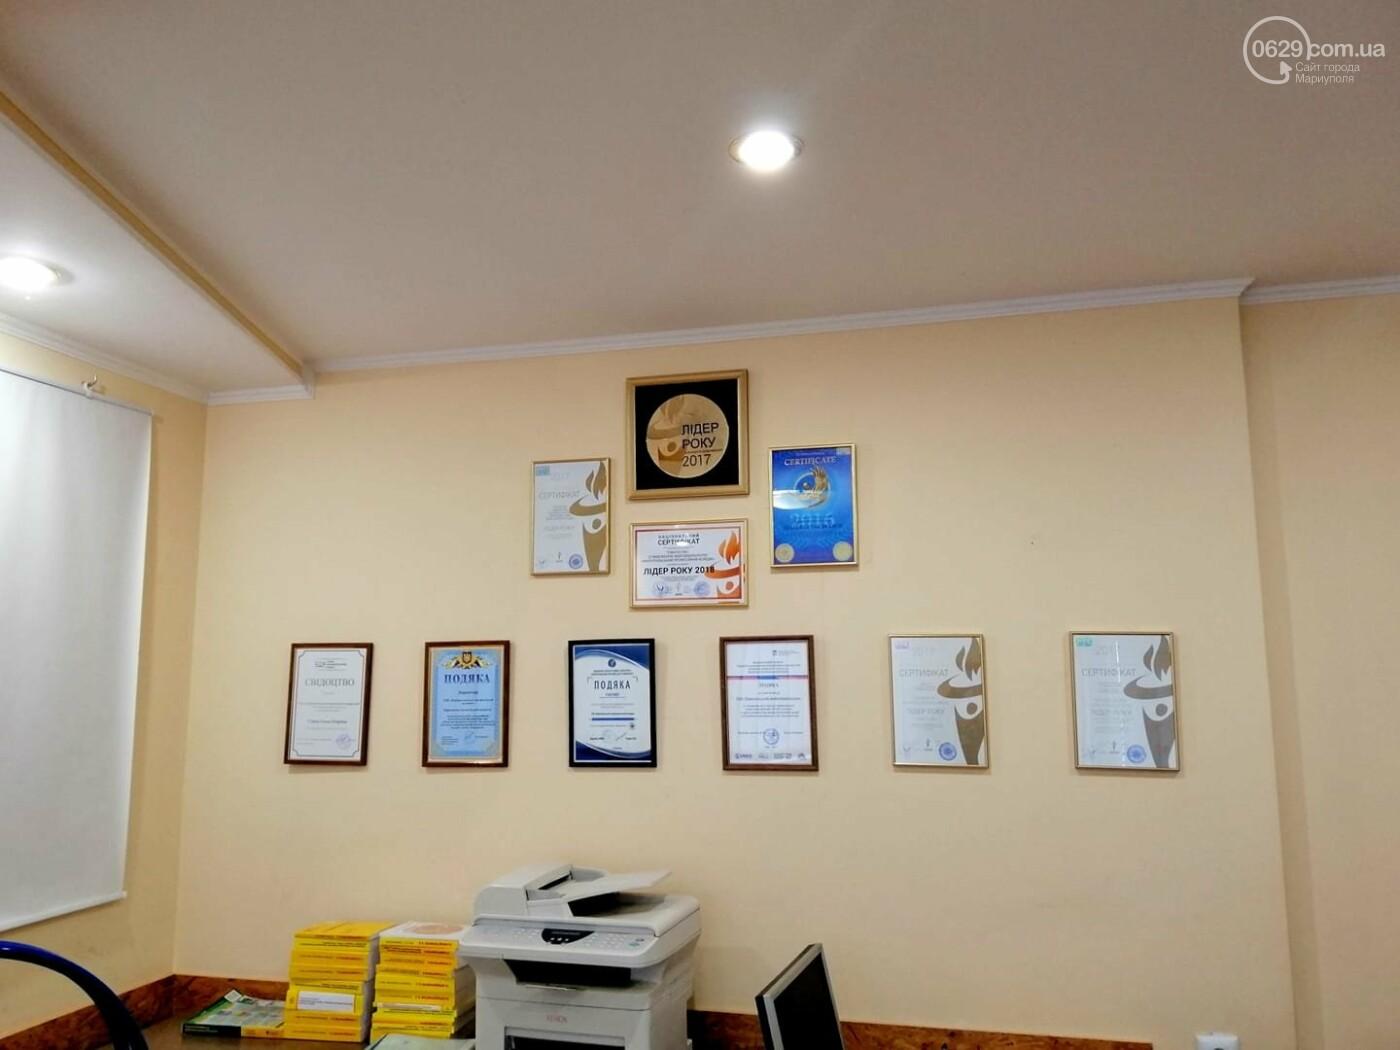 ООО «Мариупольский профессиональный колледж» объявляет набор слушателей на обучение, фото-3